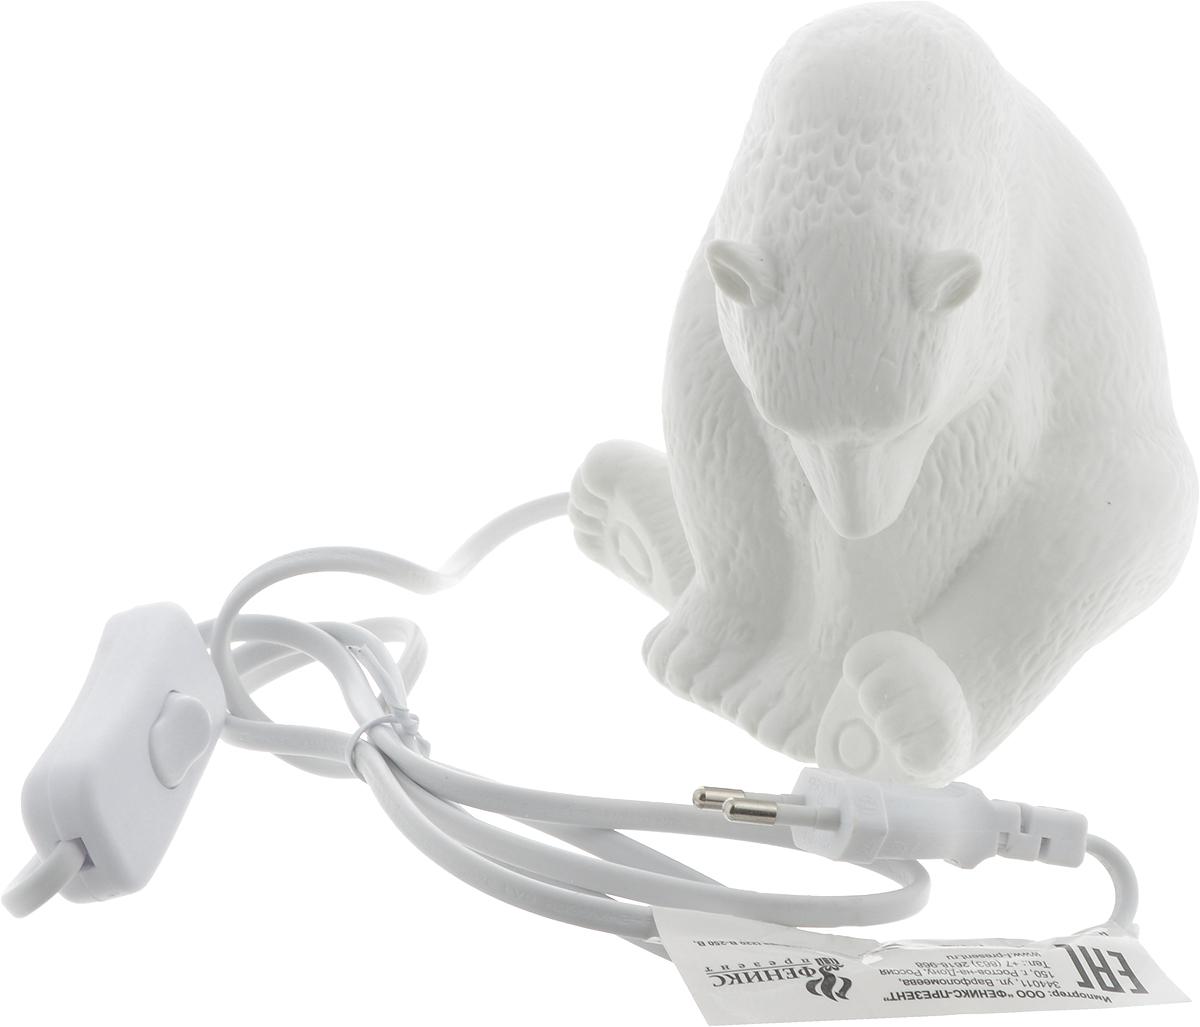 Лампа настольная Феникс-Презент Медведь, 12 х 10 х 13,5 см41618Оригинальная настольная лампа Феникс-Презент Медведь изготовлена из фарфора. Включение производится механически с помощью кнопки. Лампочка легко меняется. Длина провода: 145 см. Питание: от розетки. Напряжение: 220 В. Частота: 50 Гц. Размер лампы: 12 х 10 х 13,5 см.